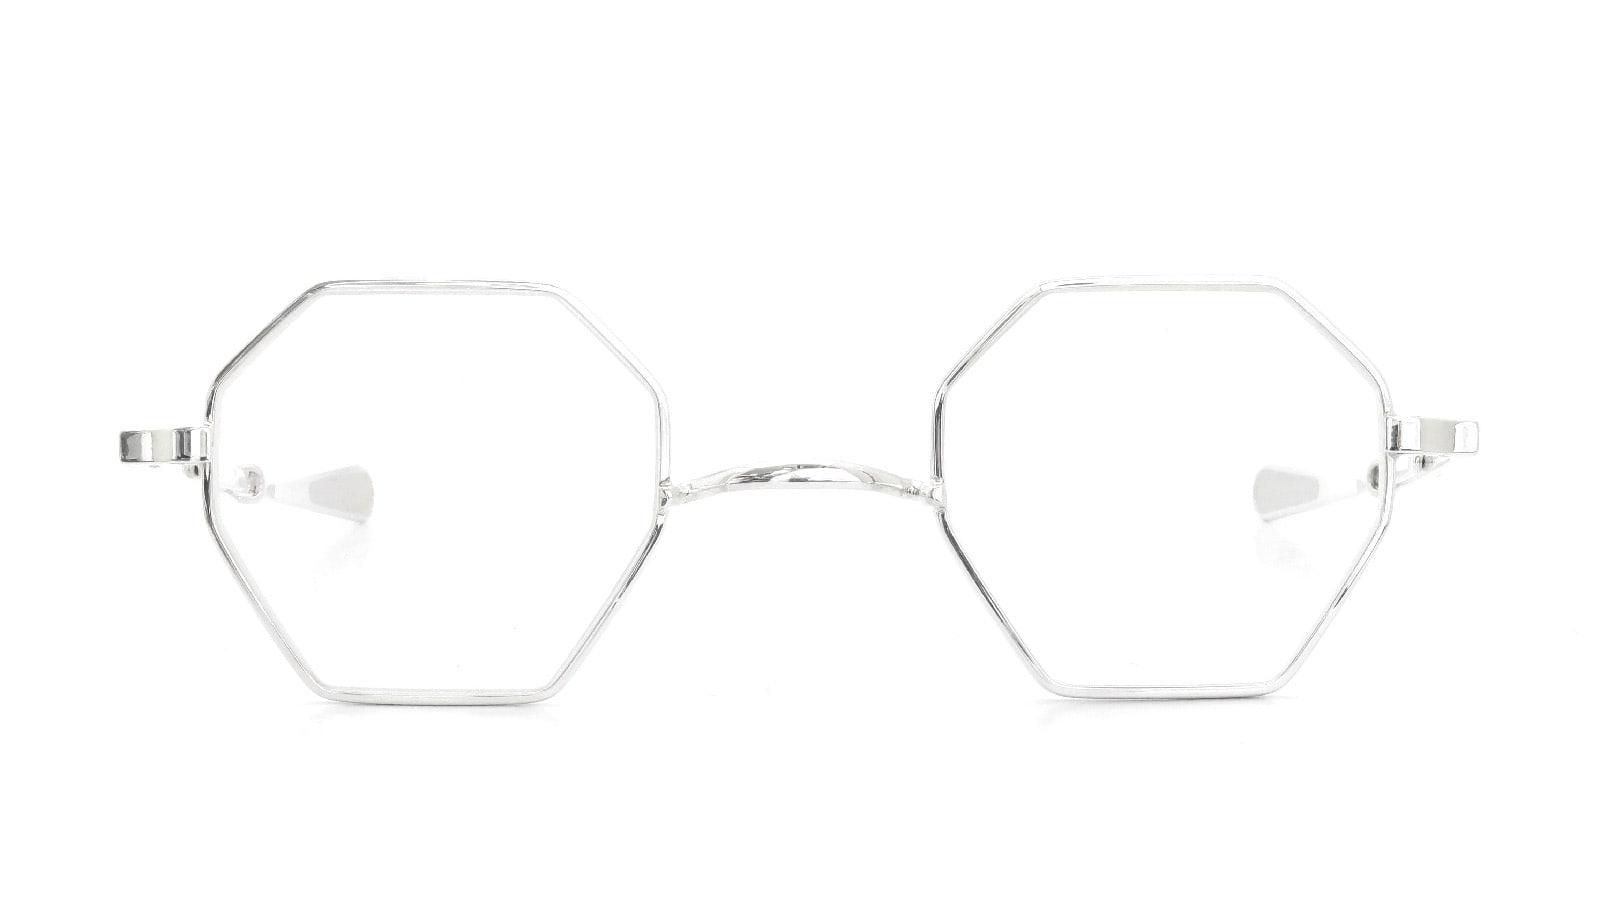 GERNOT LINDNER GL150 mod.159 Medium-Bridge Adjustable SN-X (Silver without coating) 2